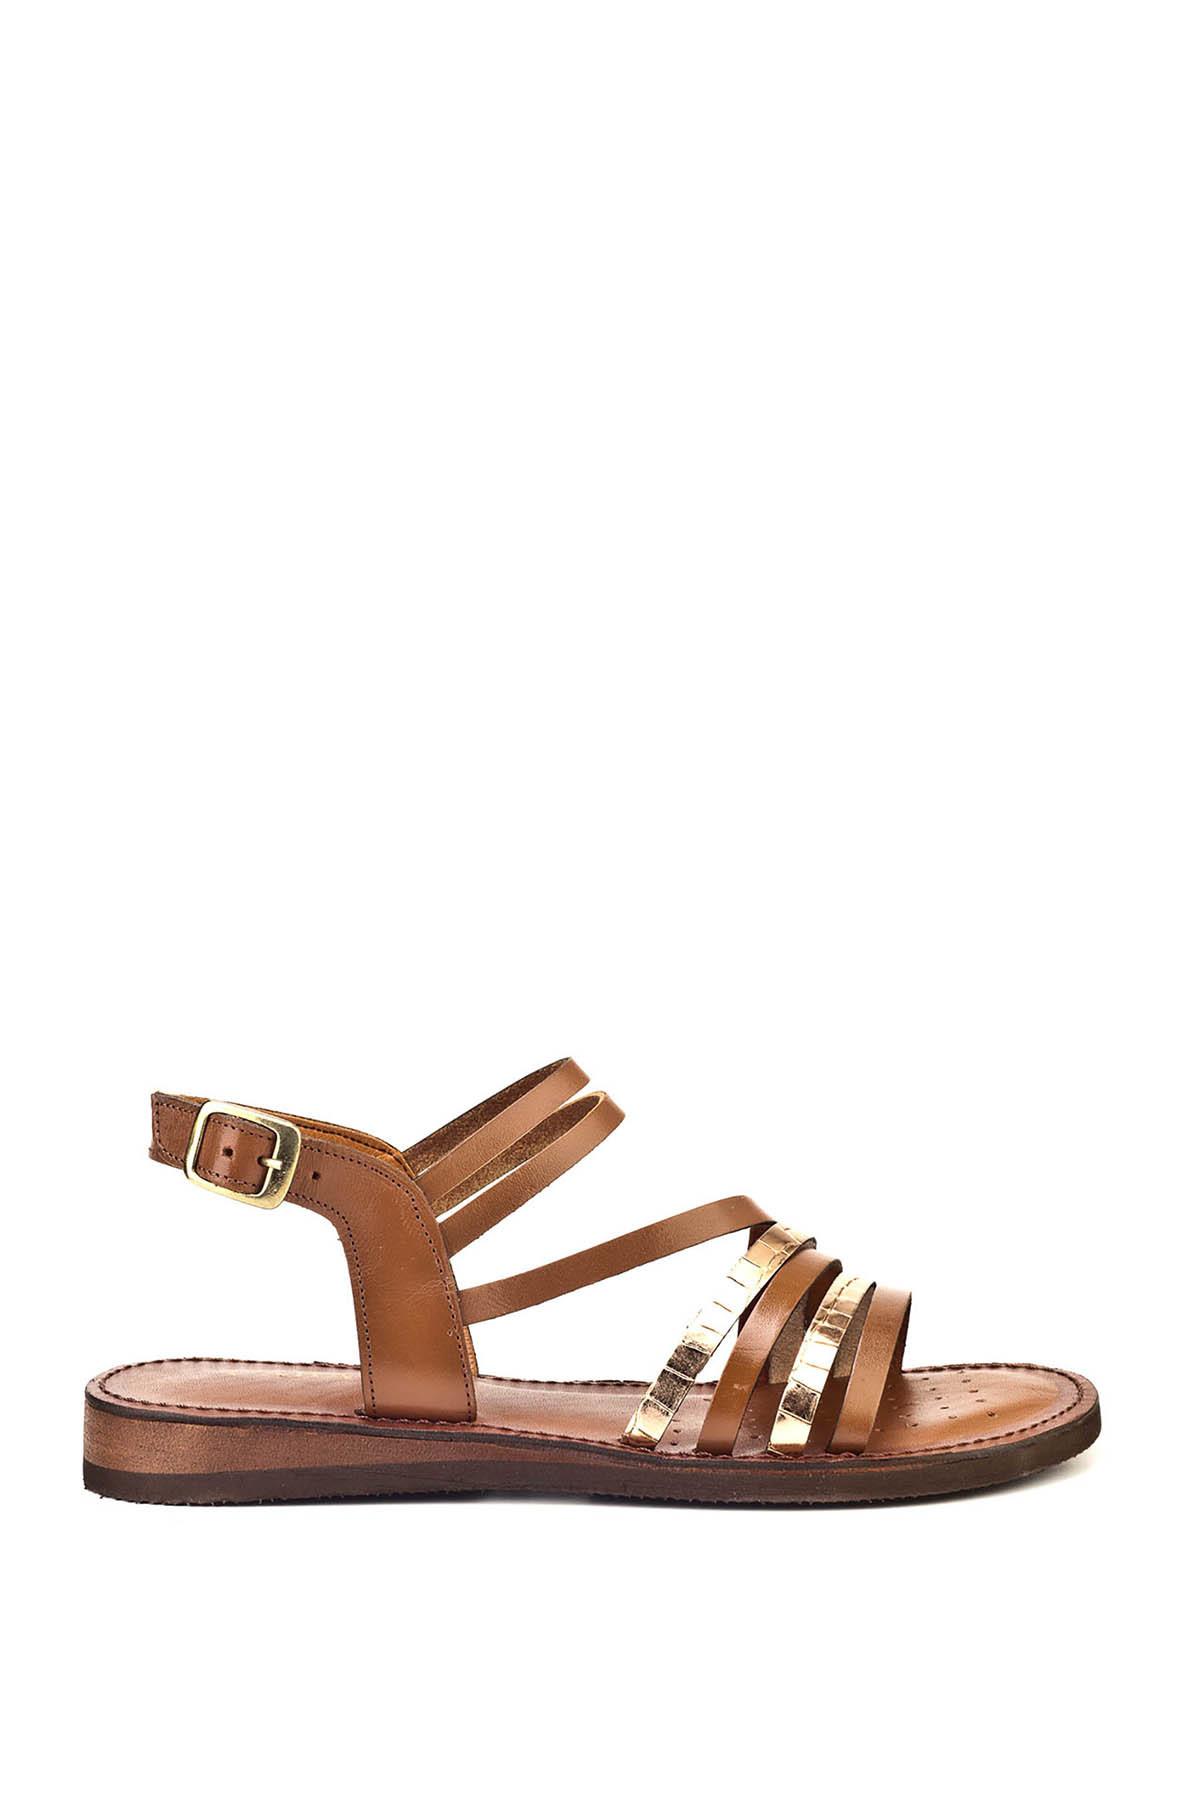 Cabani Hakiki Deri Taba Kadın Sandalet 8YBE05SA004W55 1